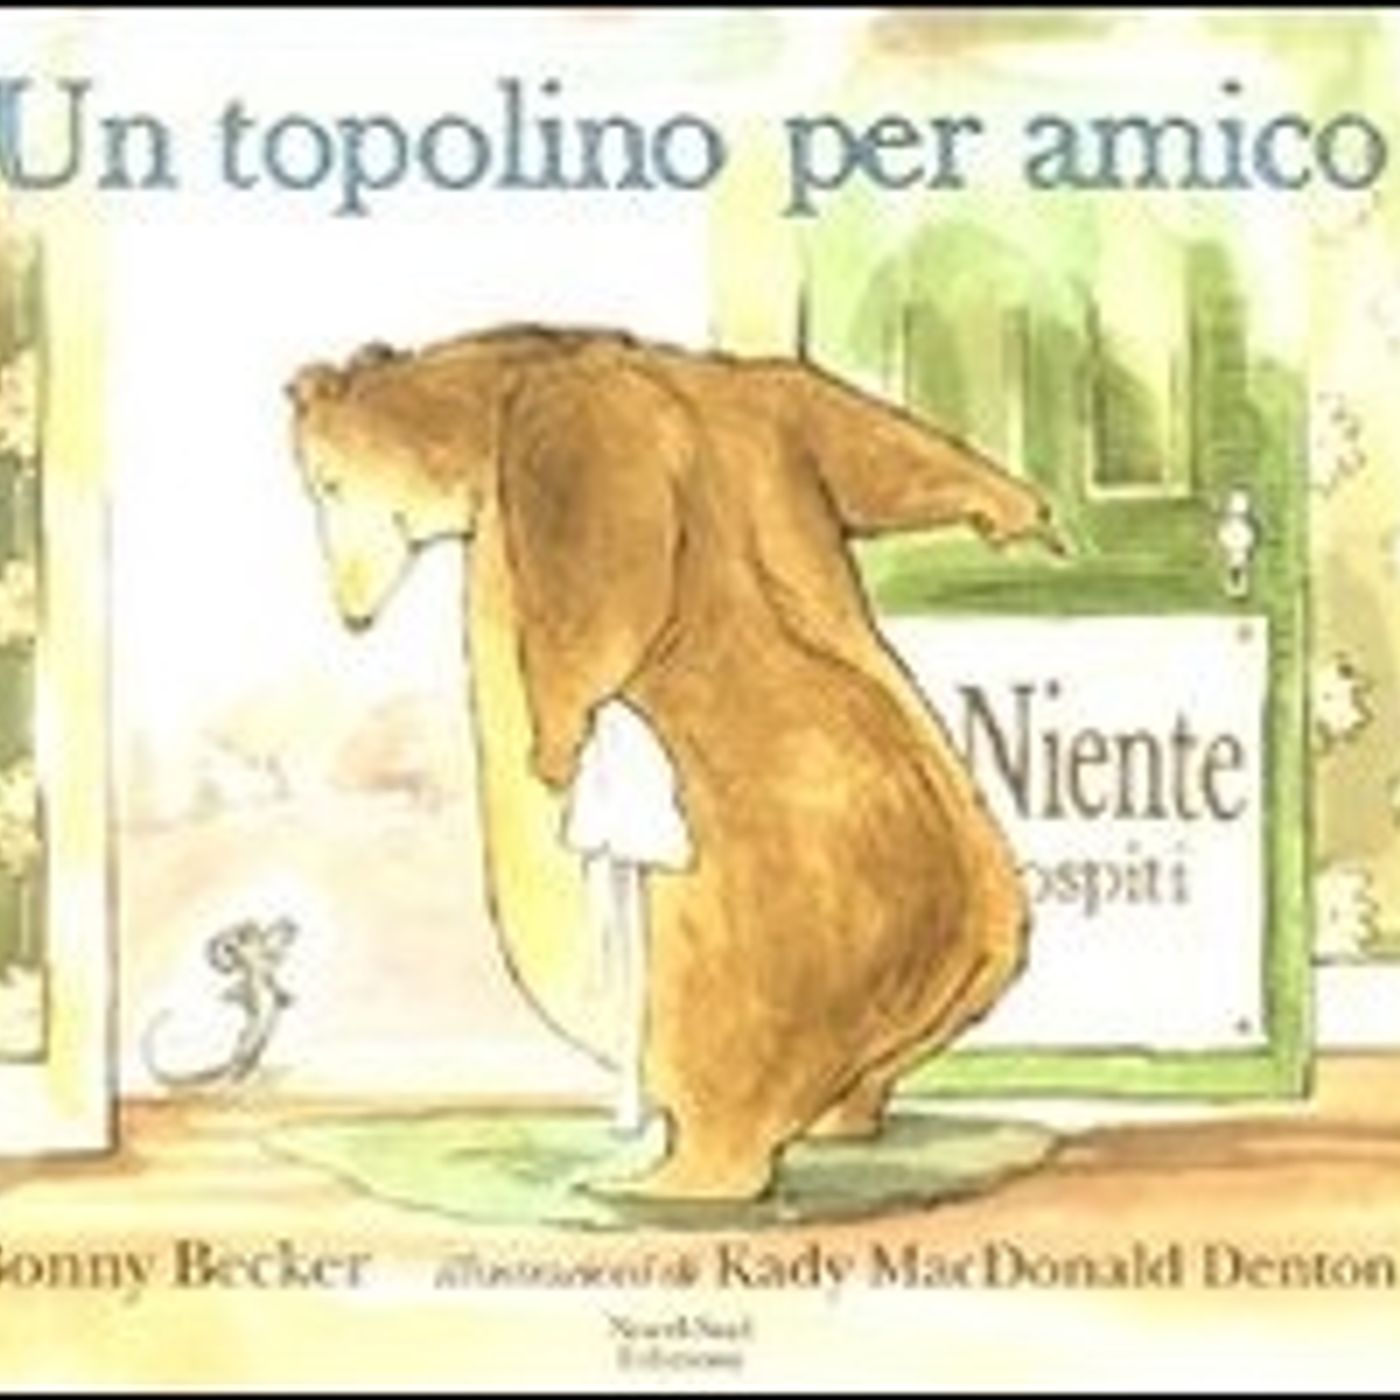 Un topolino per amico (Bonny Becker)